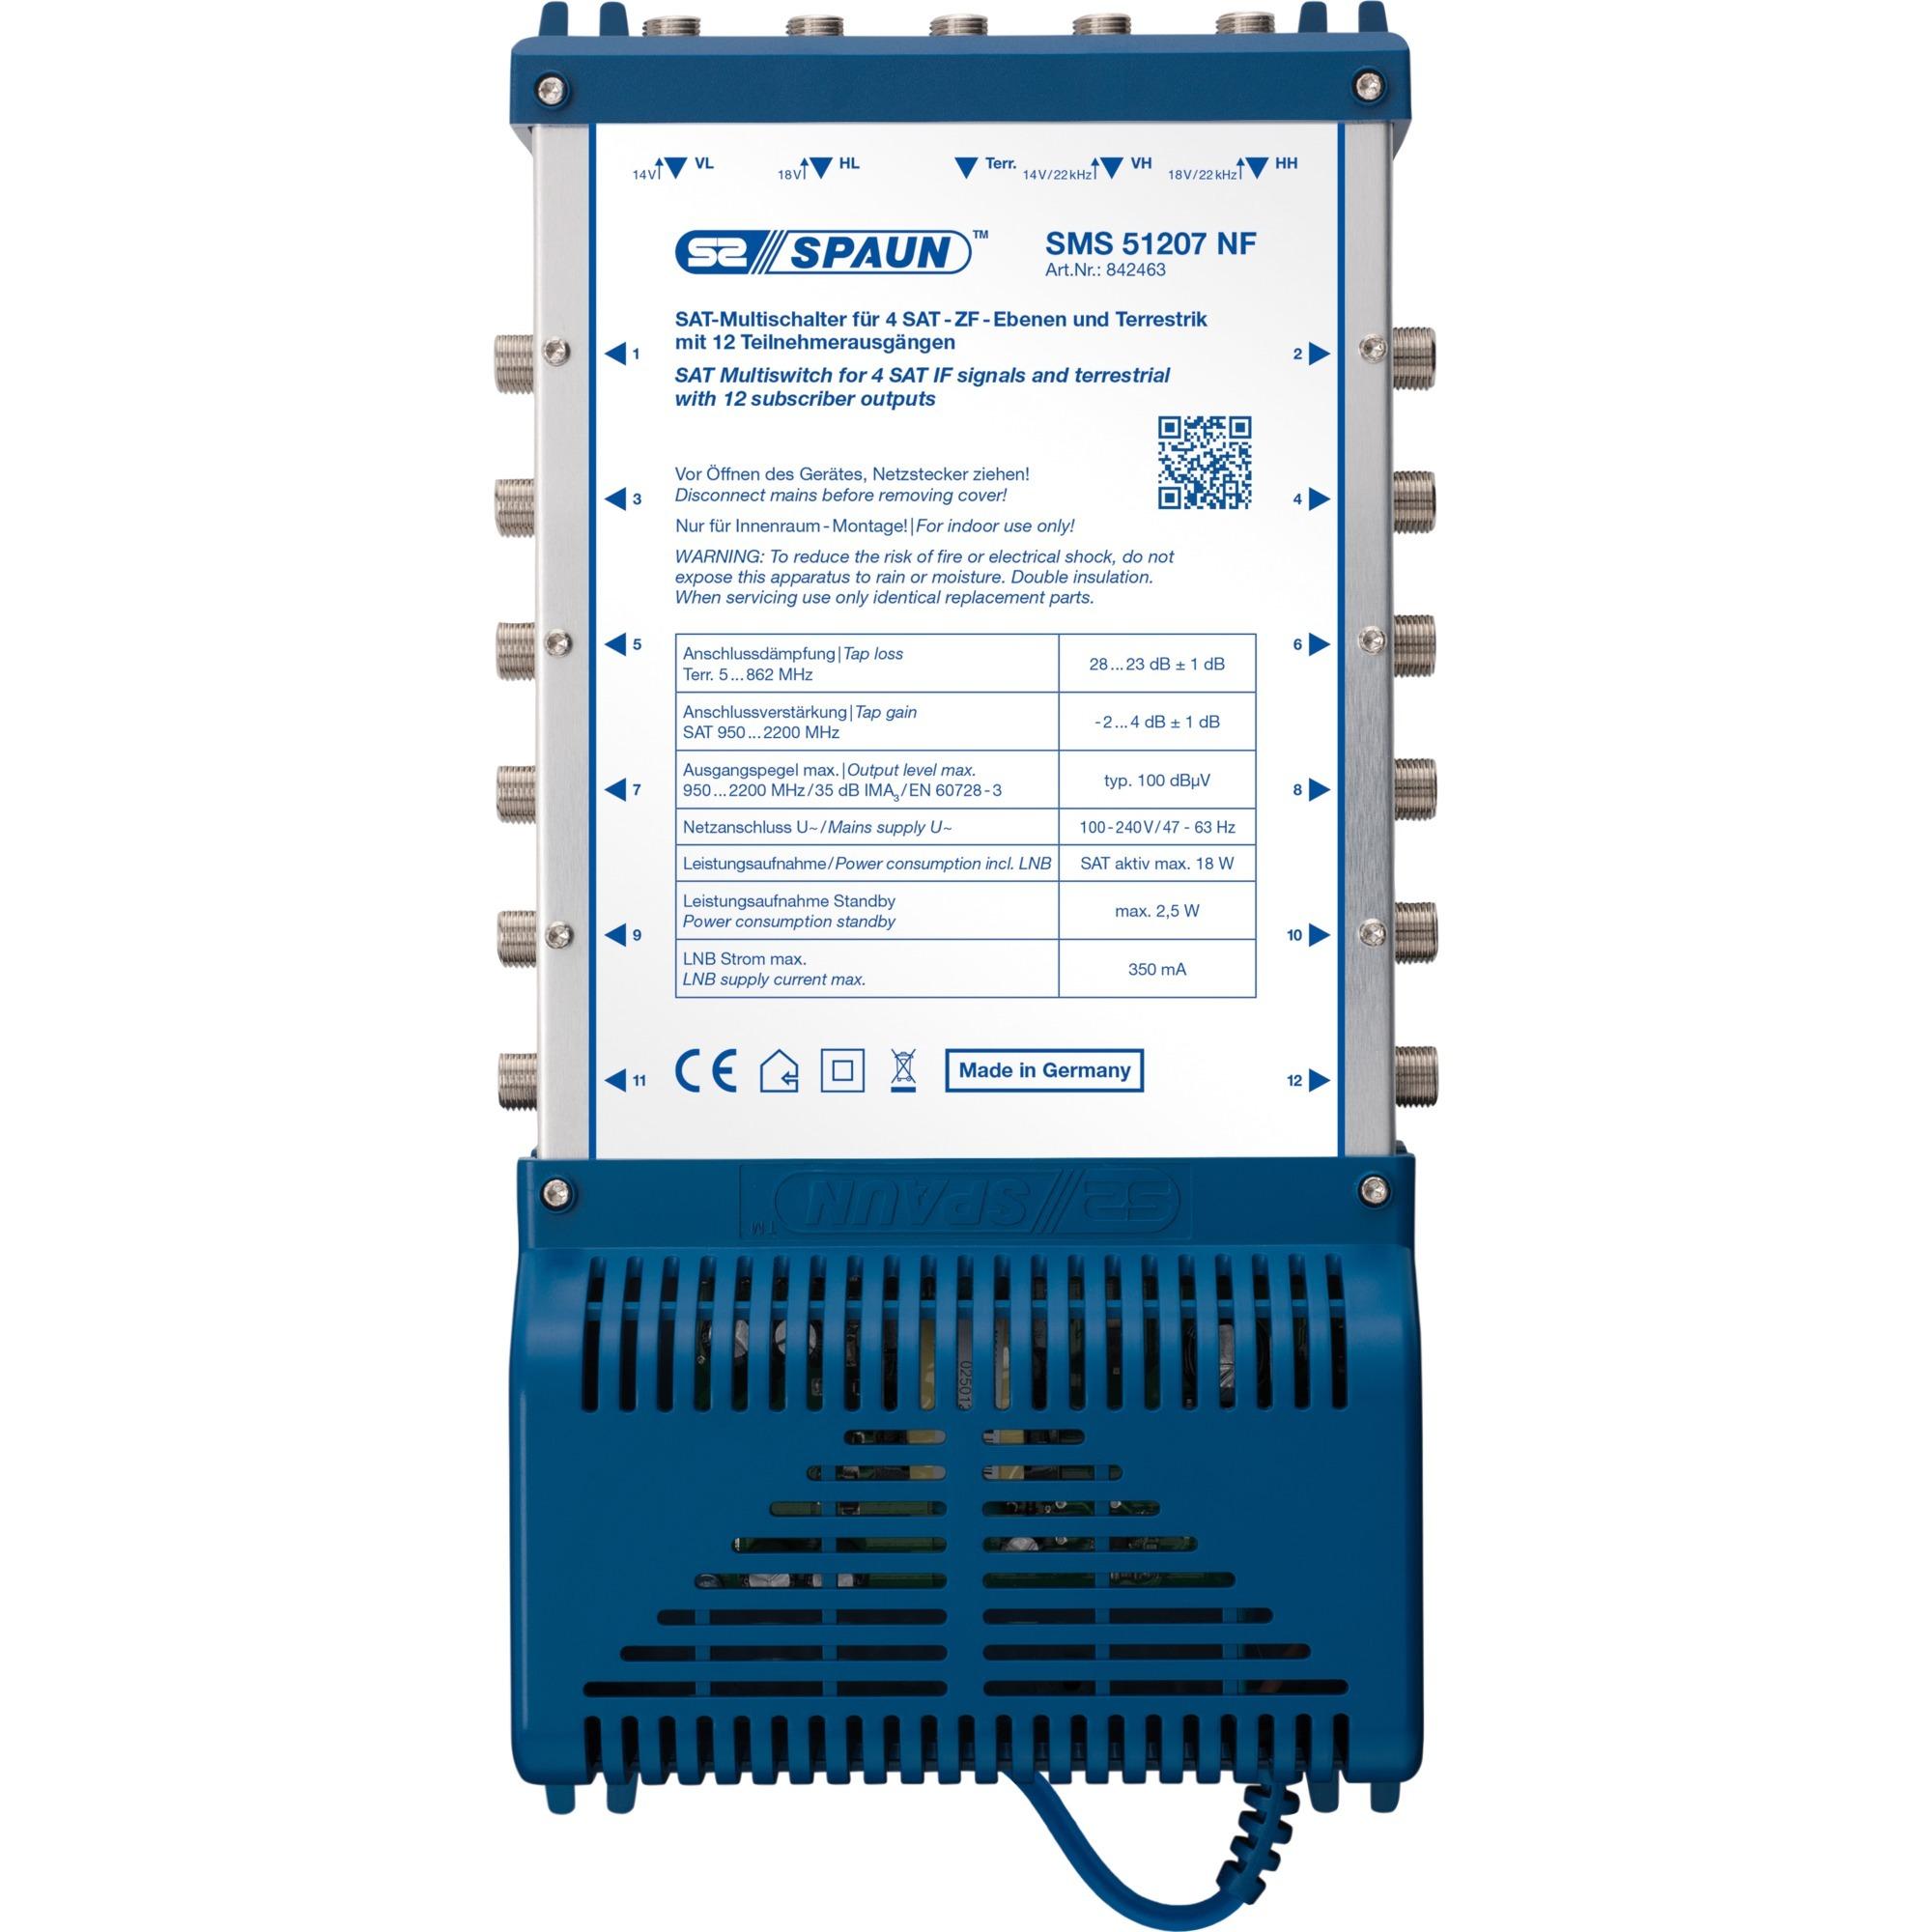 SMS 51207 NF commutateur vidéo, Multi commutateur